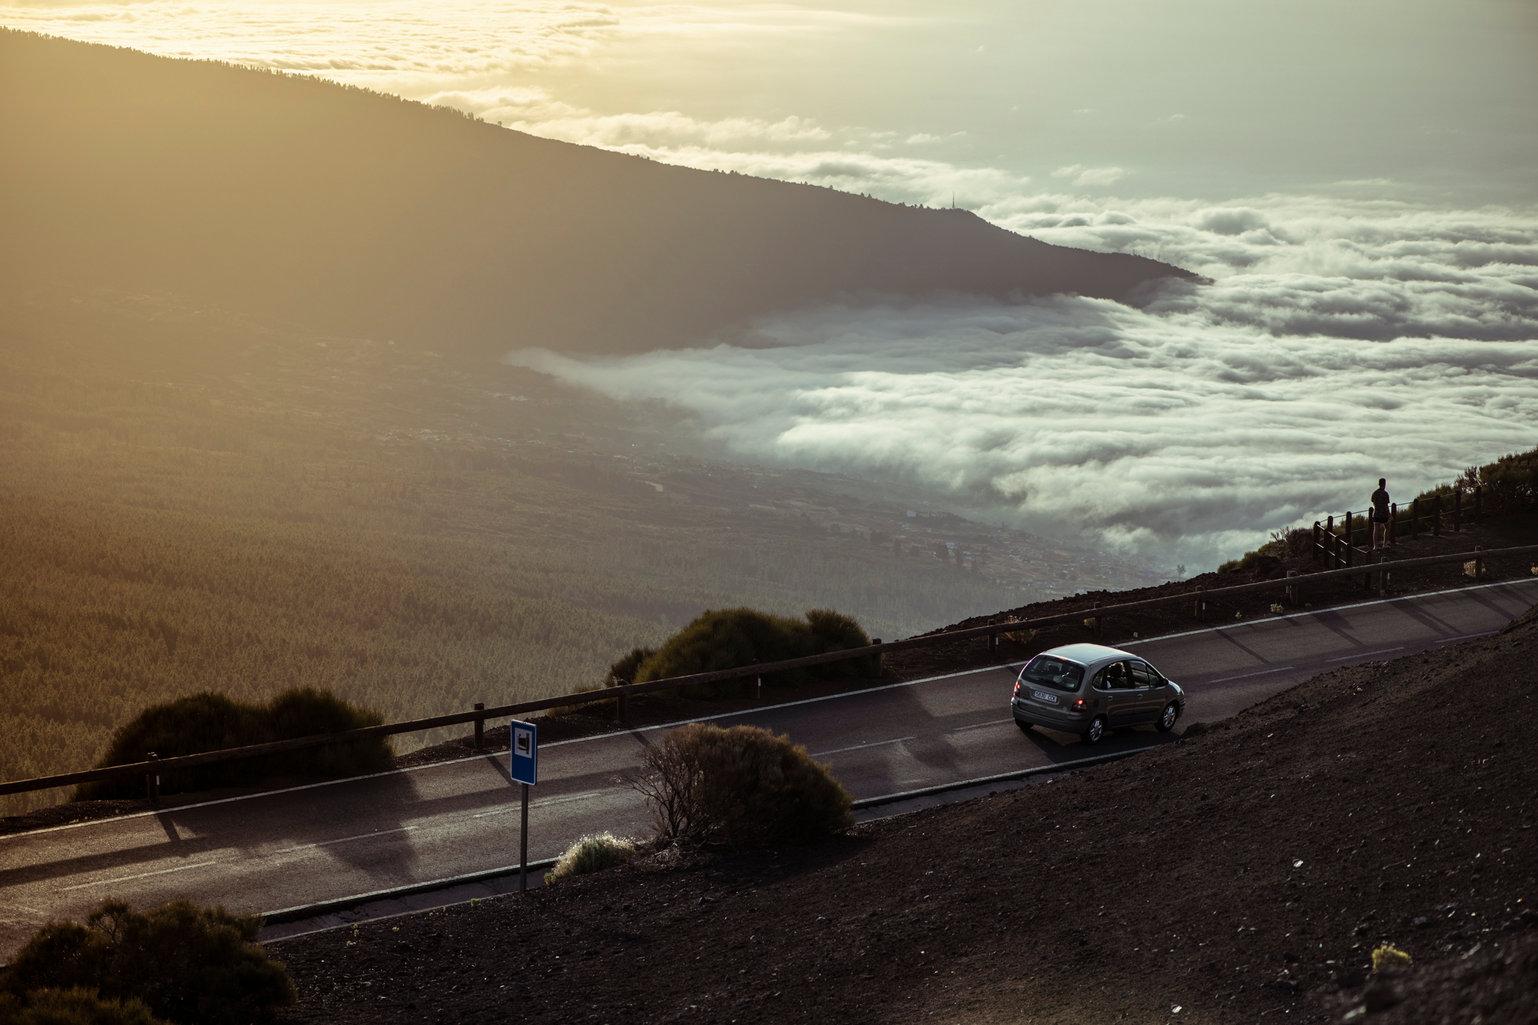 Conduciendo hacia el mar de nubes